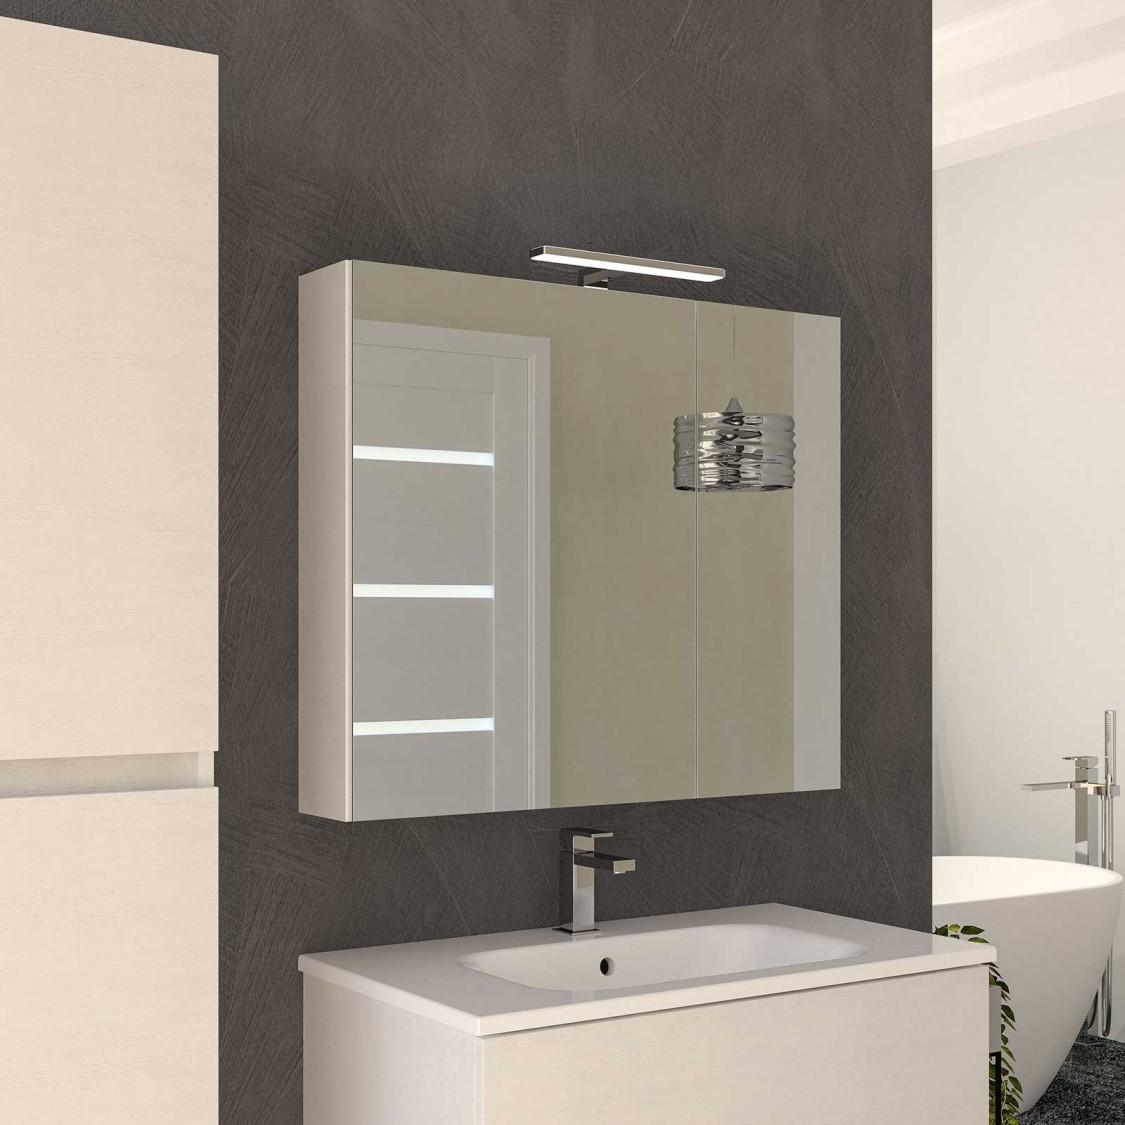 Specchi contenitore bagno | Shop Online Idroplus